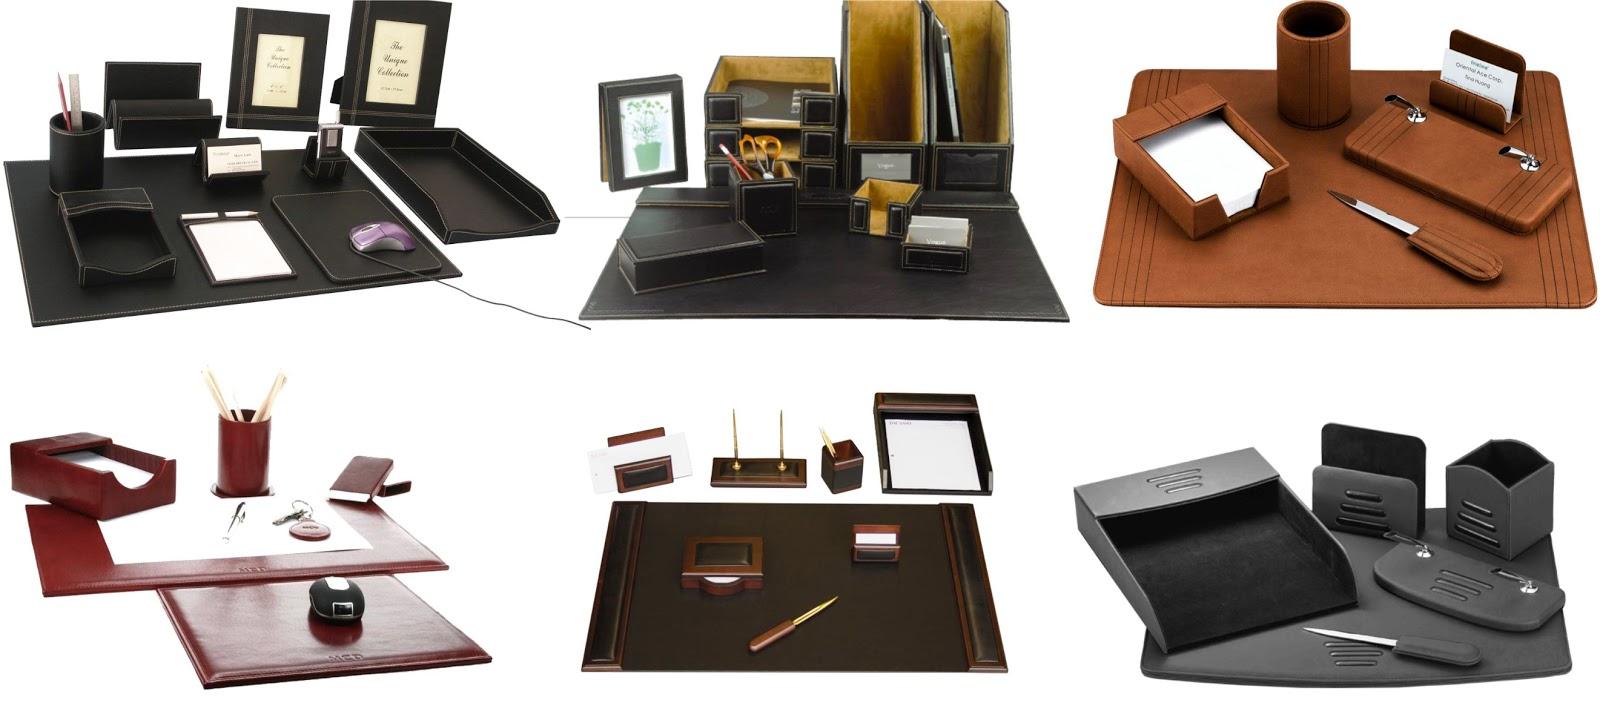 Cuero peru art culos para oficinas for Articulos decorativos para oficina